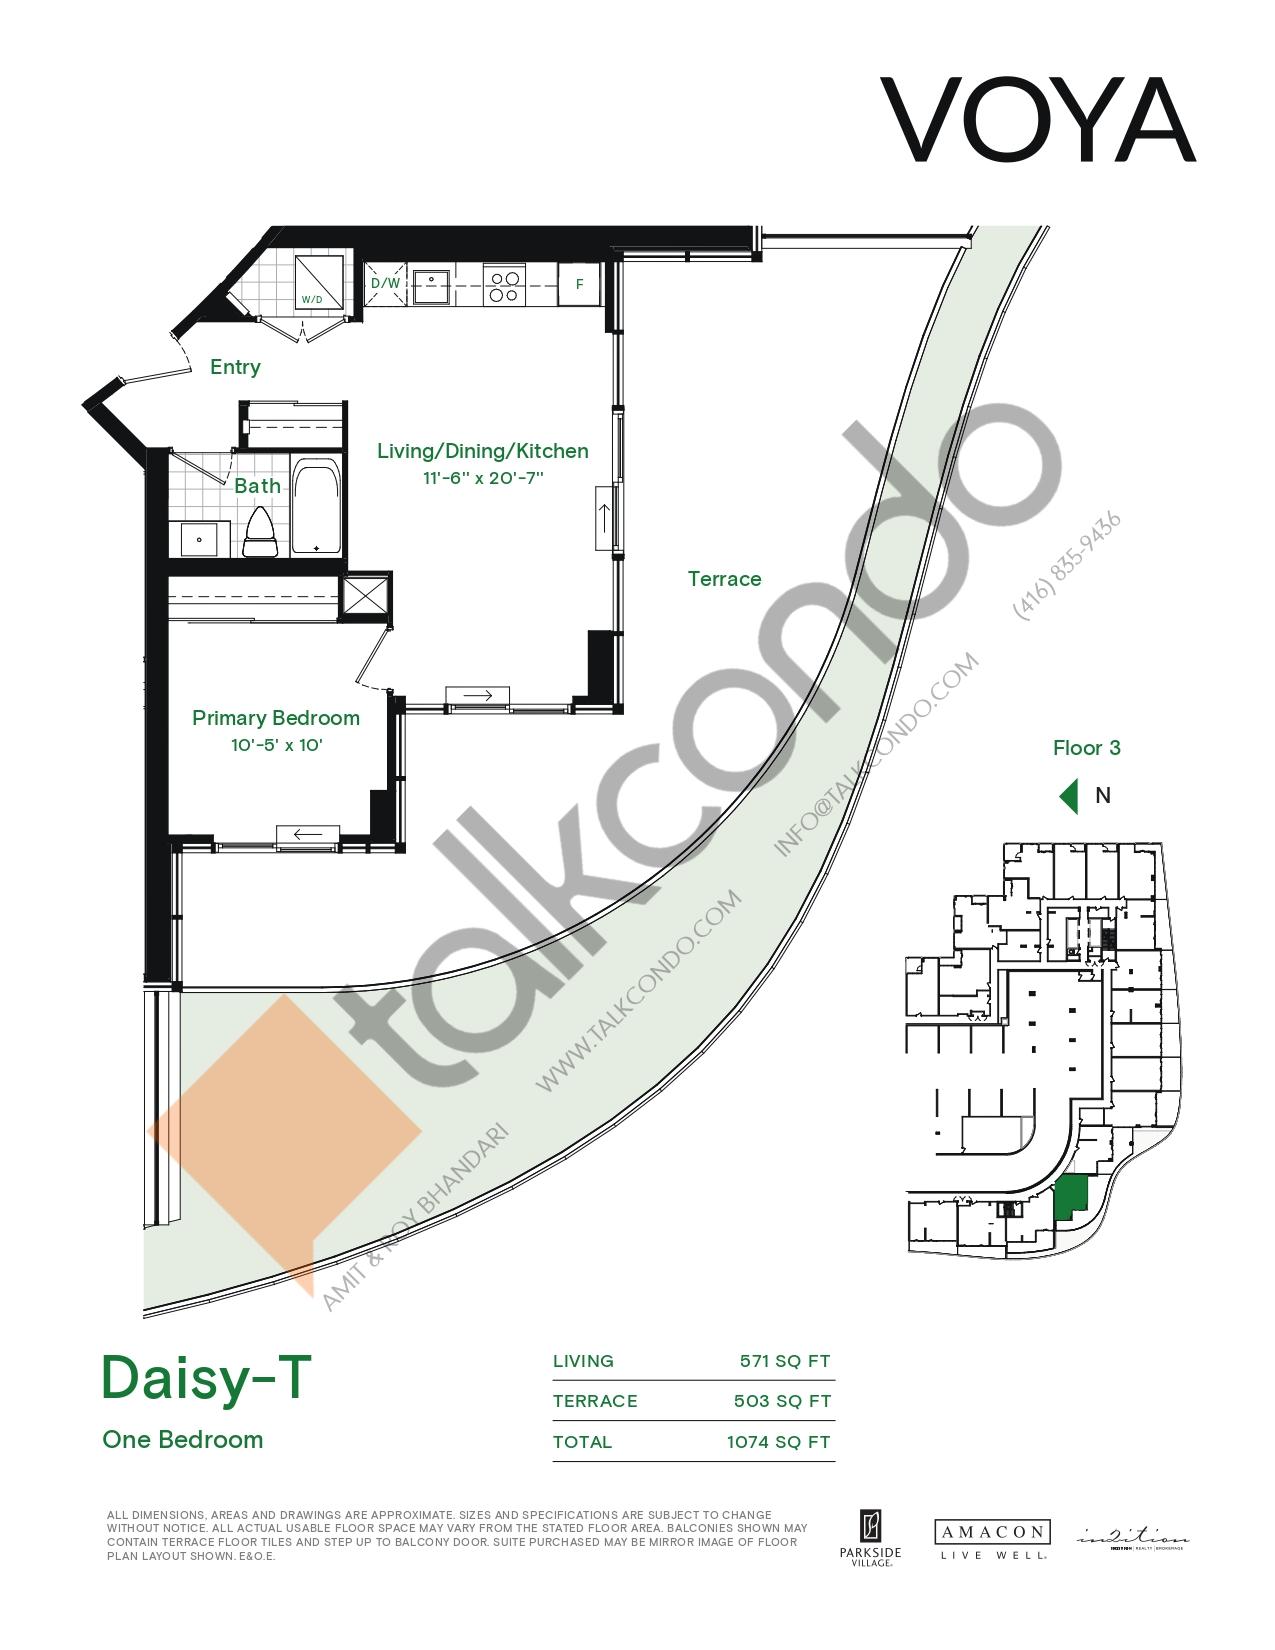 Daisy-T (Podium) Floor Plan at Voya at Parkside Village Condos - 571 sq.ft